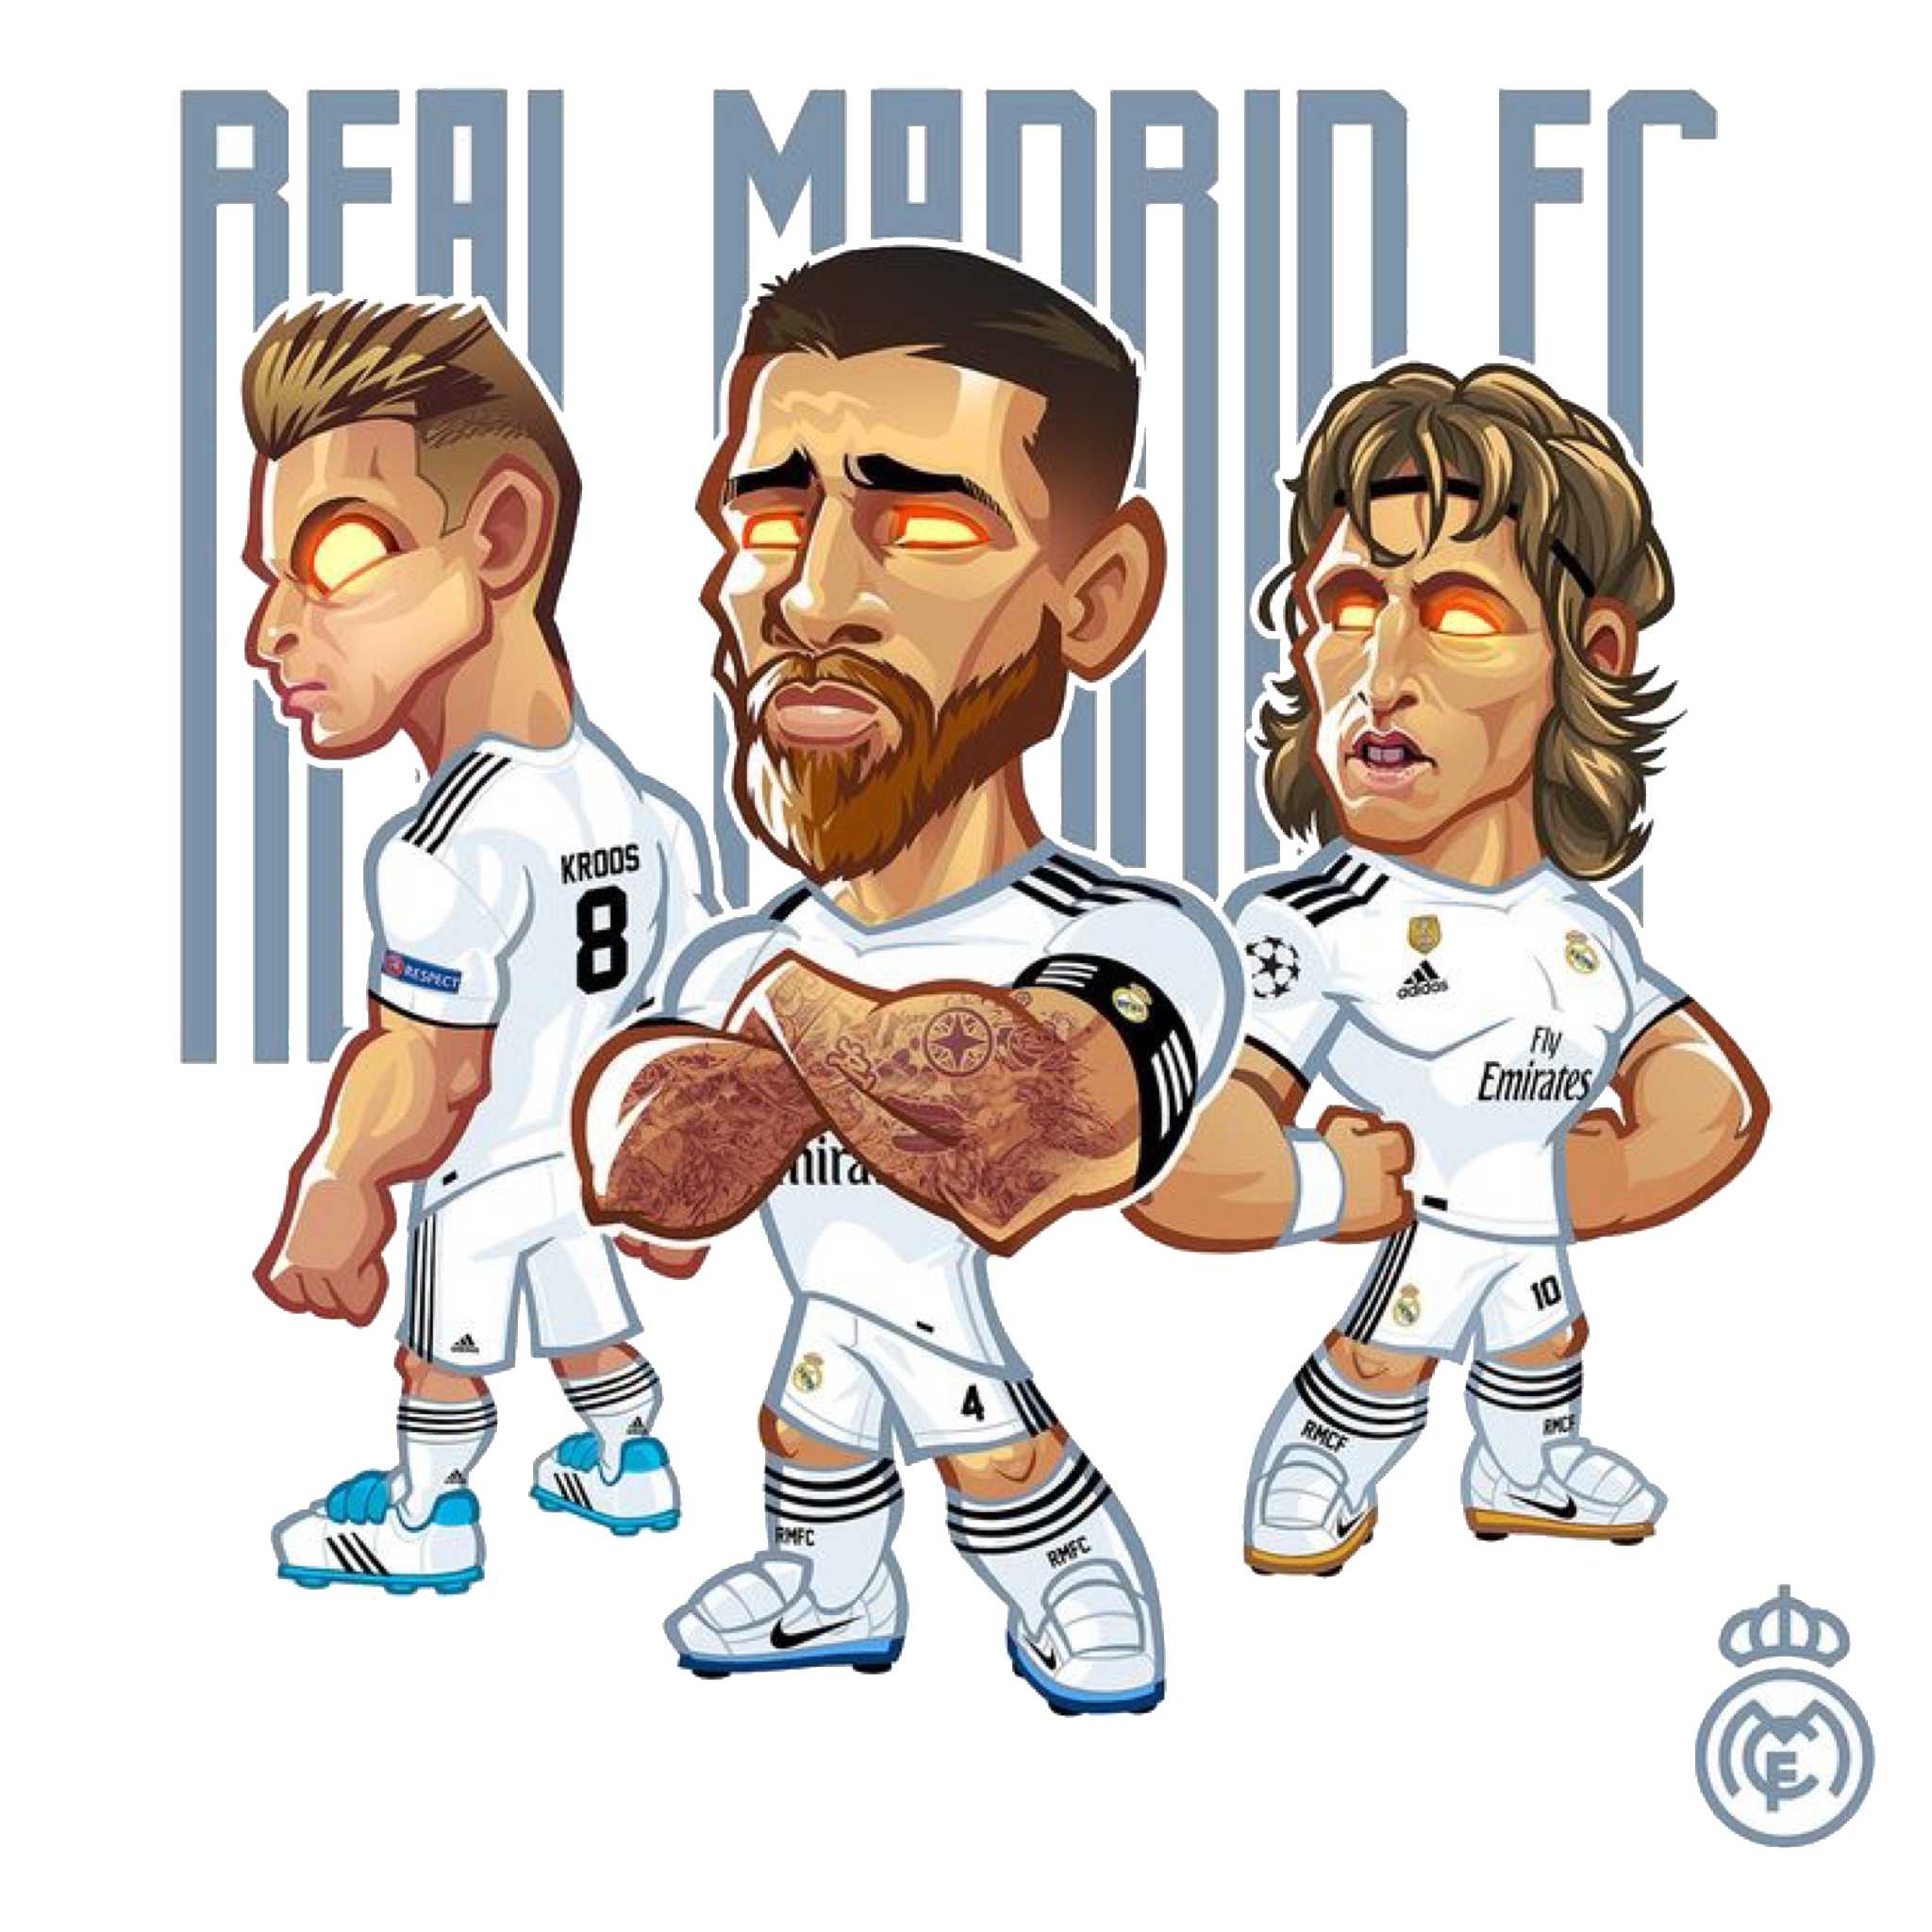 Pin De Andhika Syahputra Em Album 2 Desenho De Jogador De Futebol Futebol Soccer Futebol